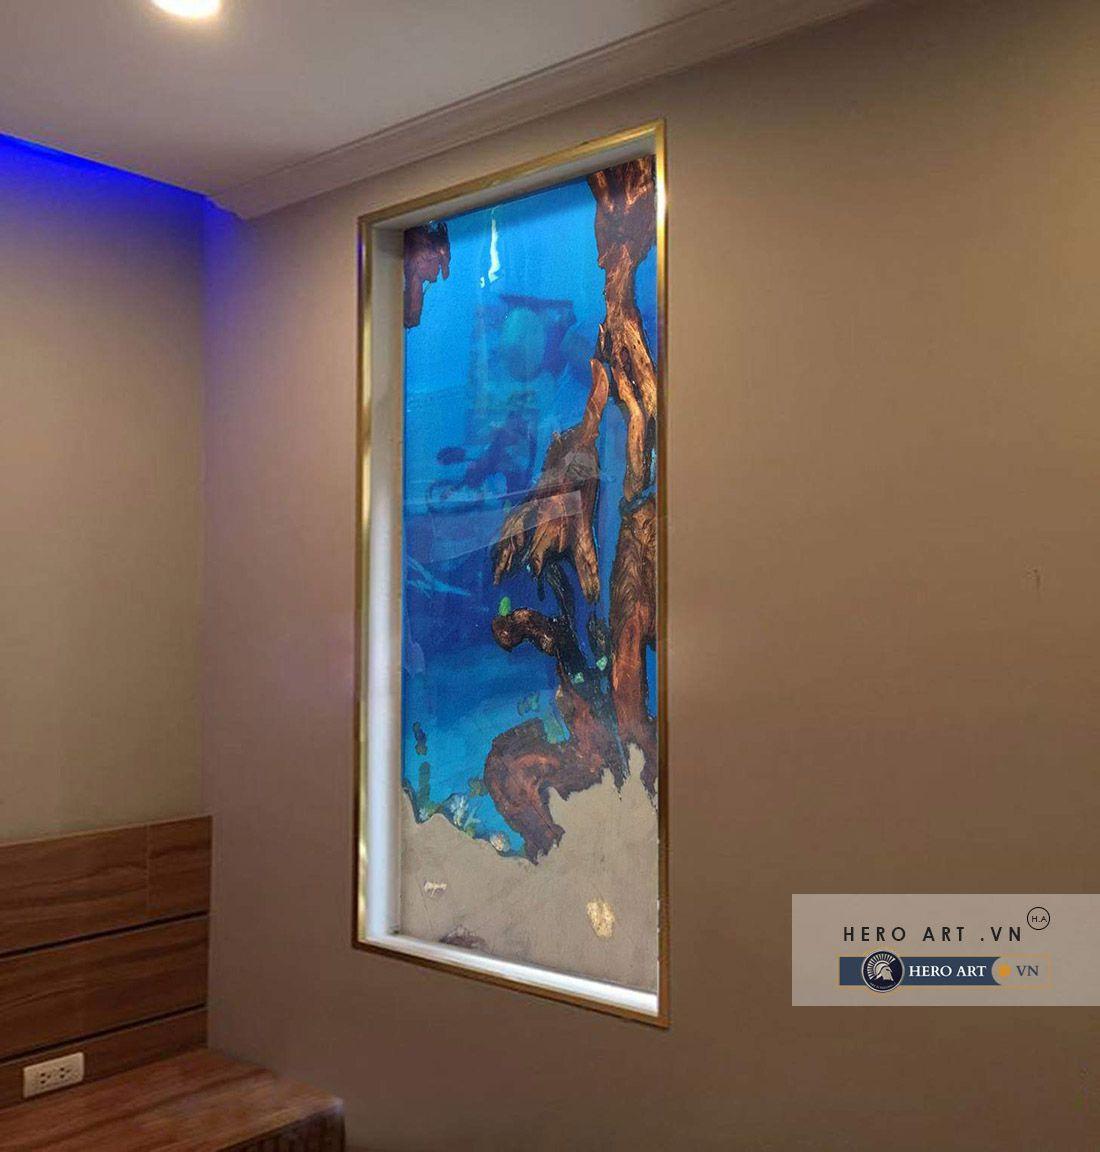 tranh epoxy trang trí nội thất